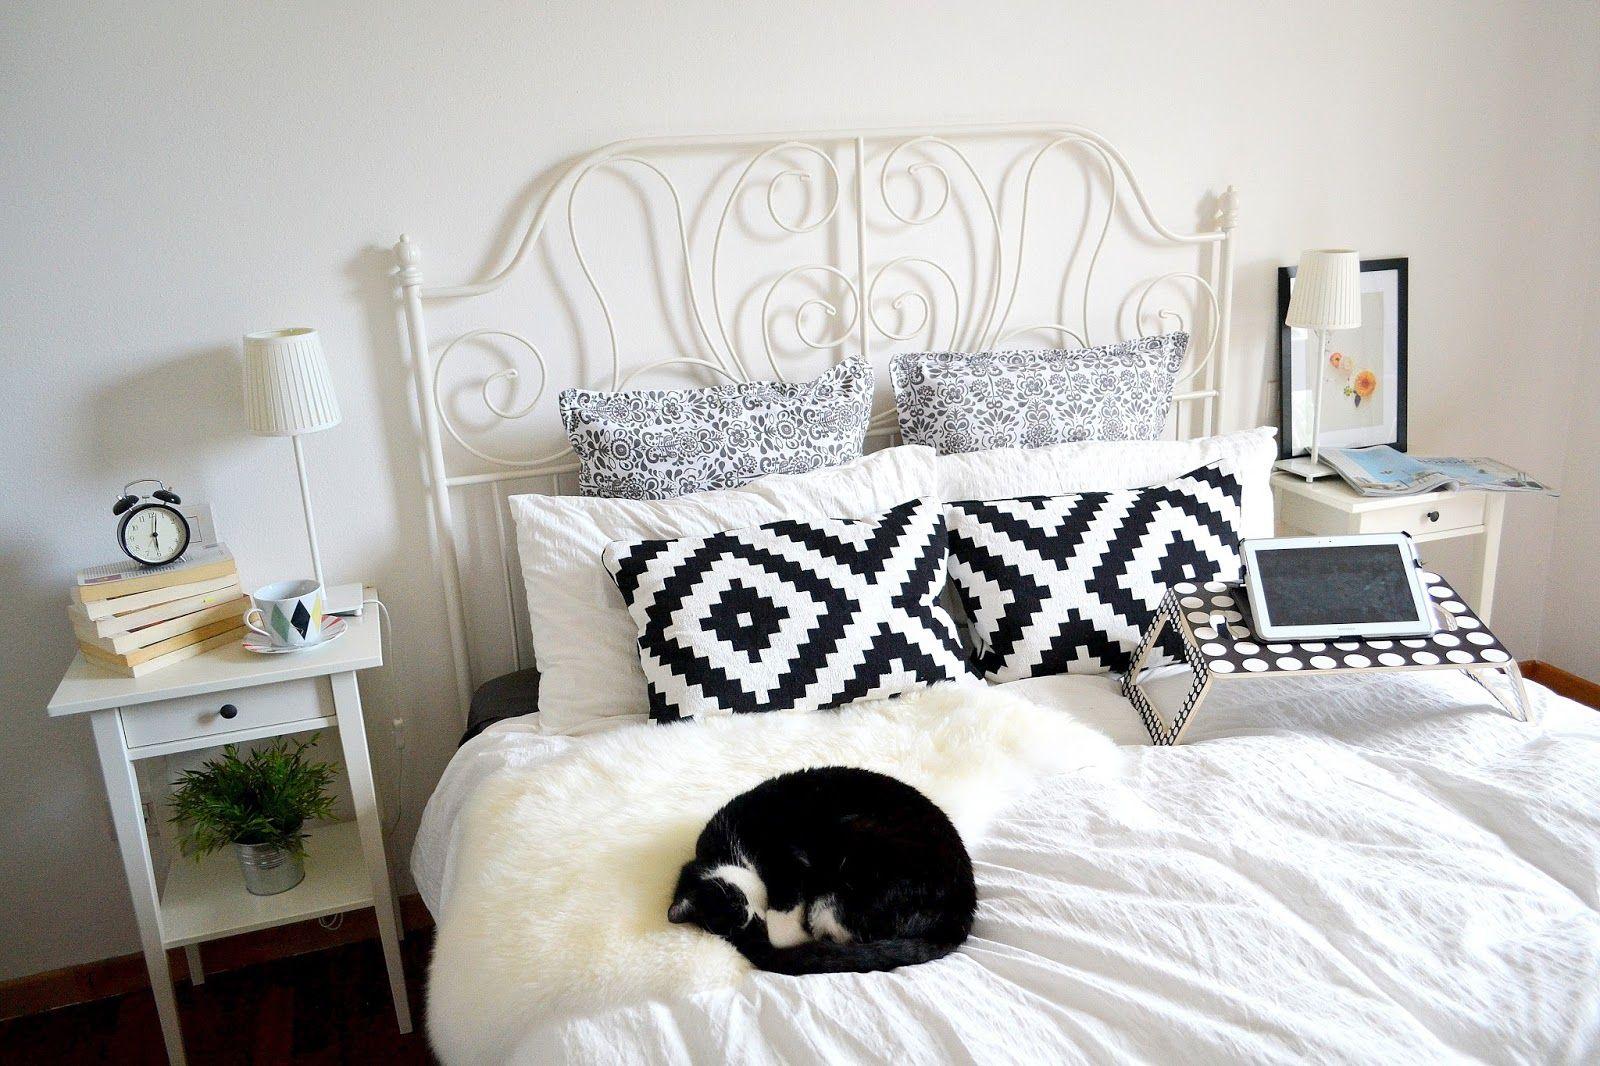 NEW POST ON MY BLOG --> Vi presento la mia camera da letto ...